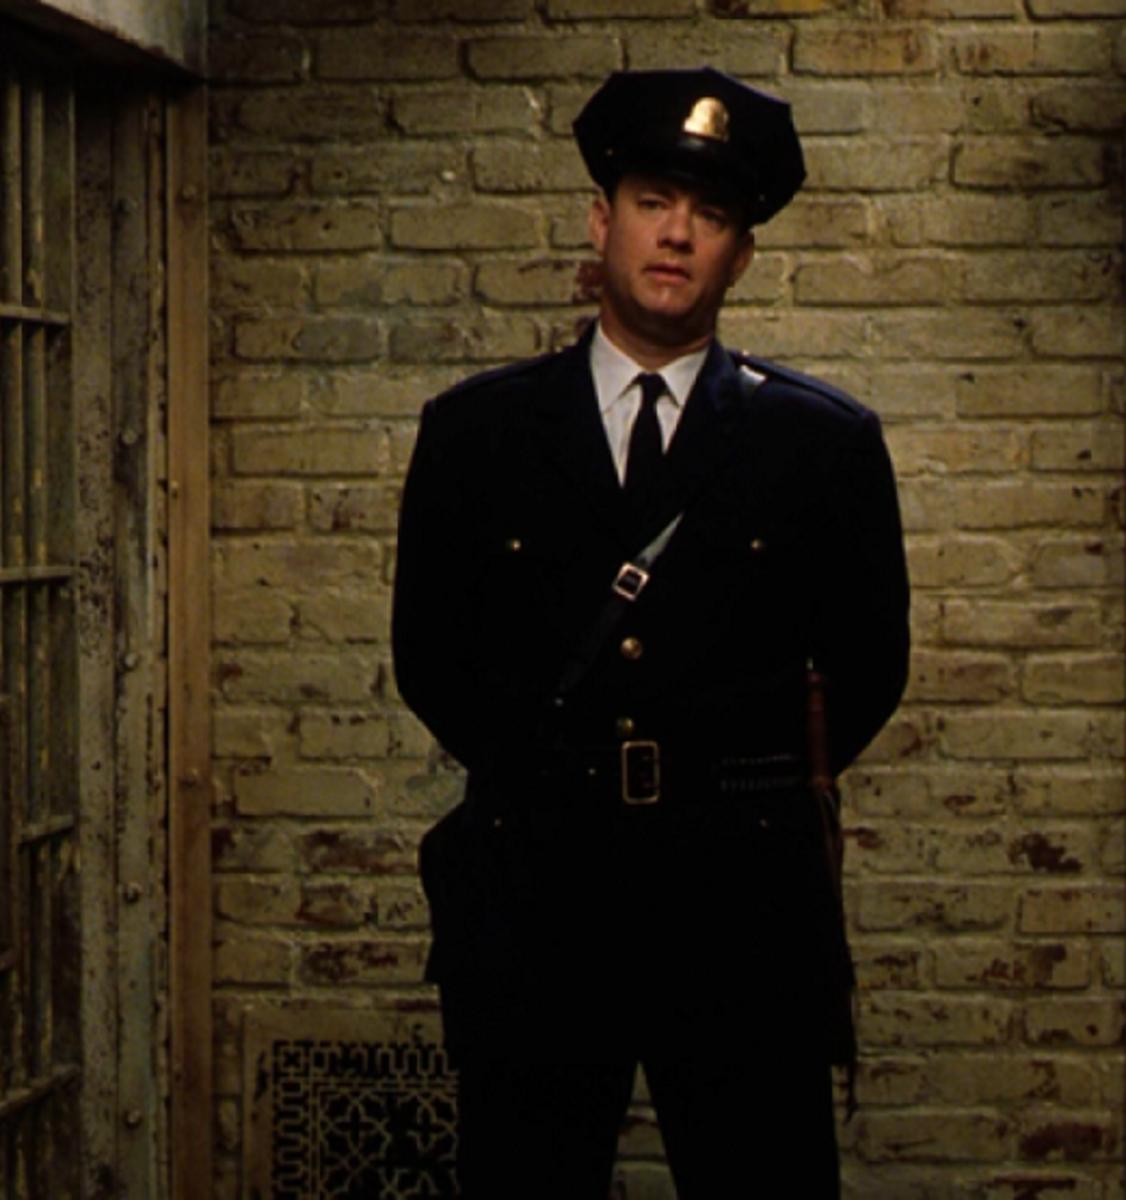 Tom Hanks in The Green Mile (1999)